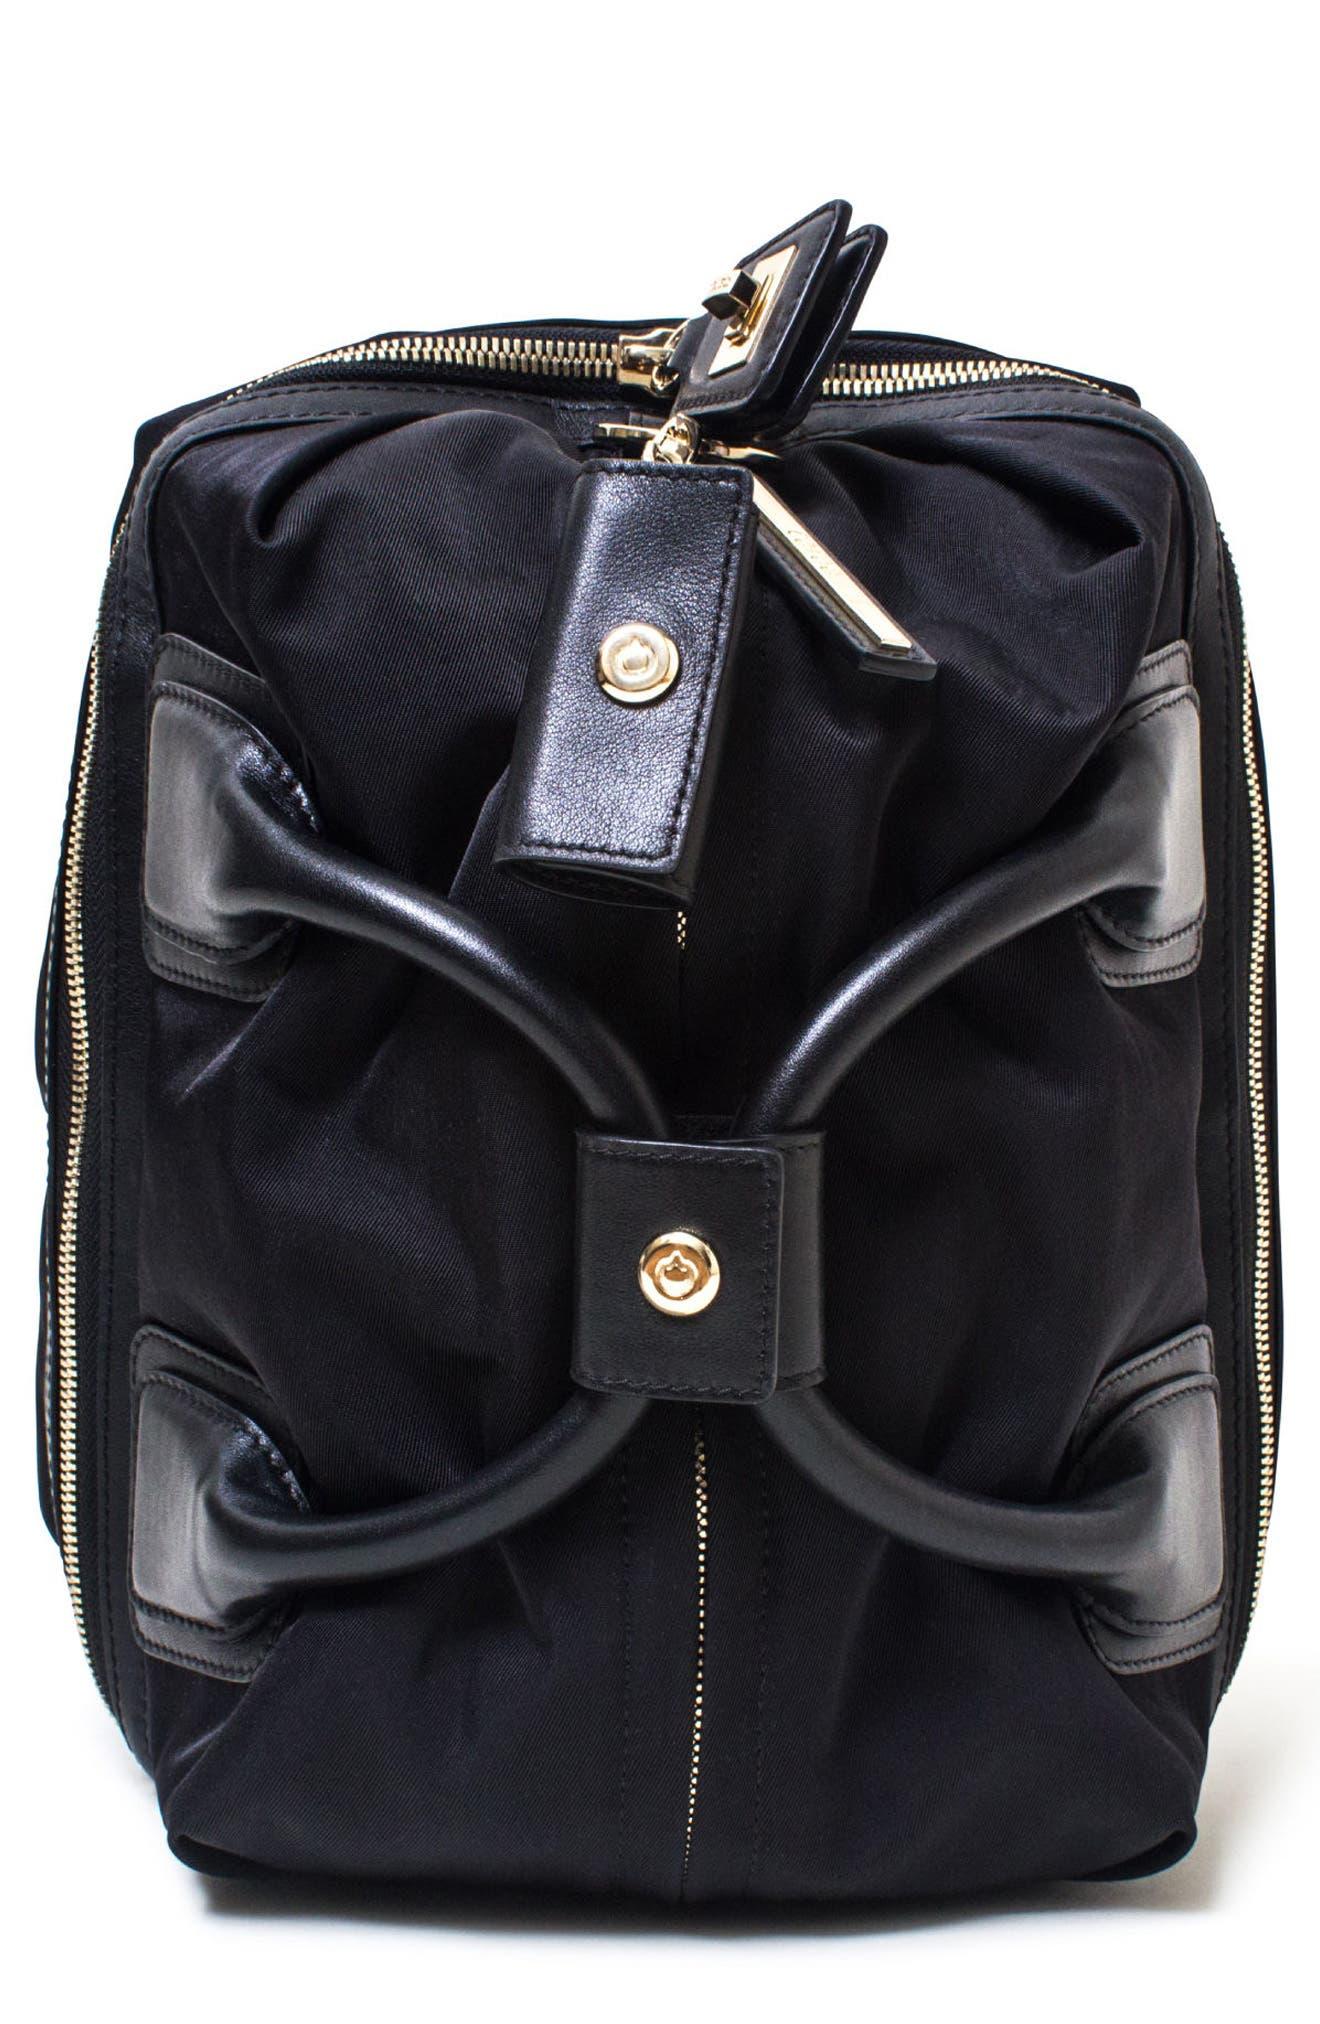 Studio Duffel Backpack,                         Main,                         color, BLACK/ GOLD